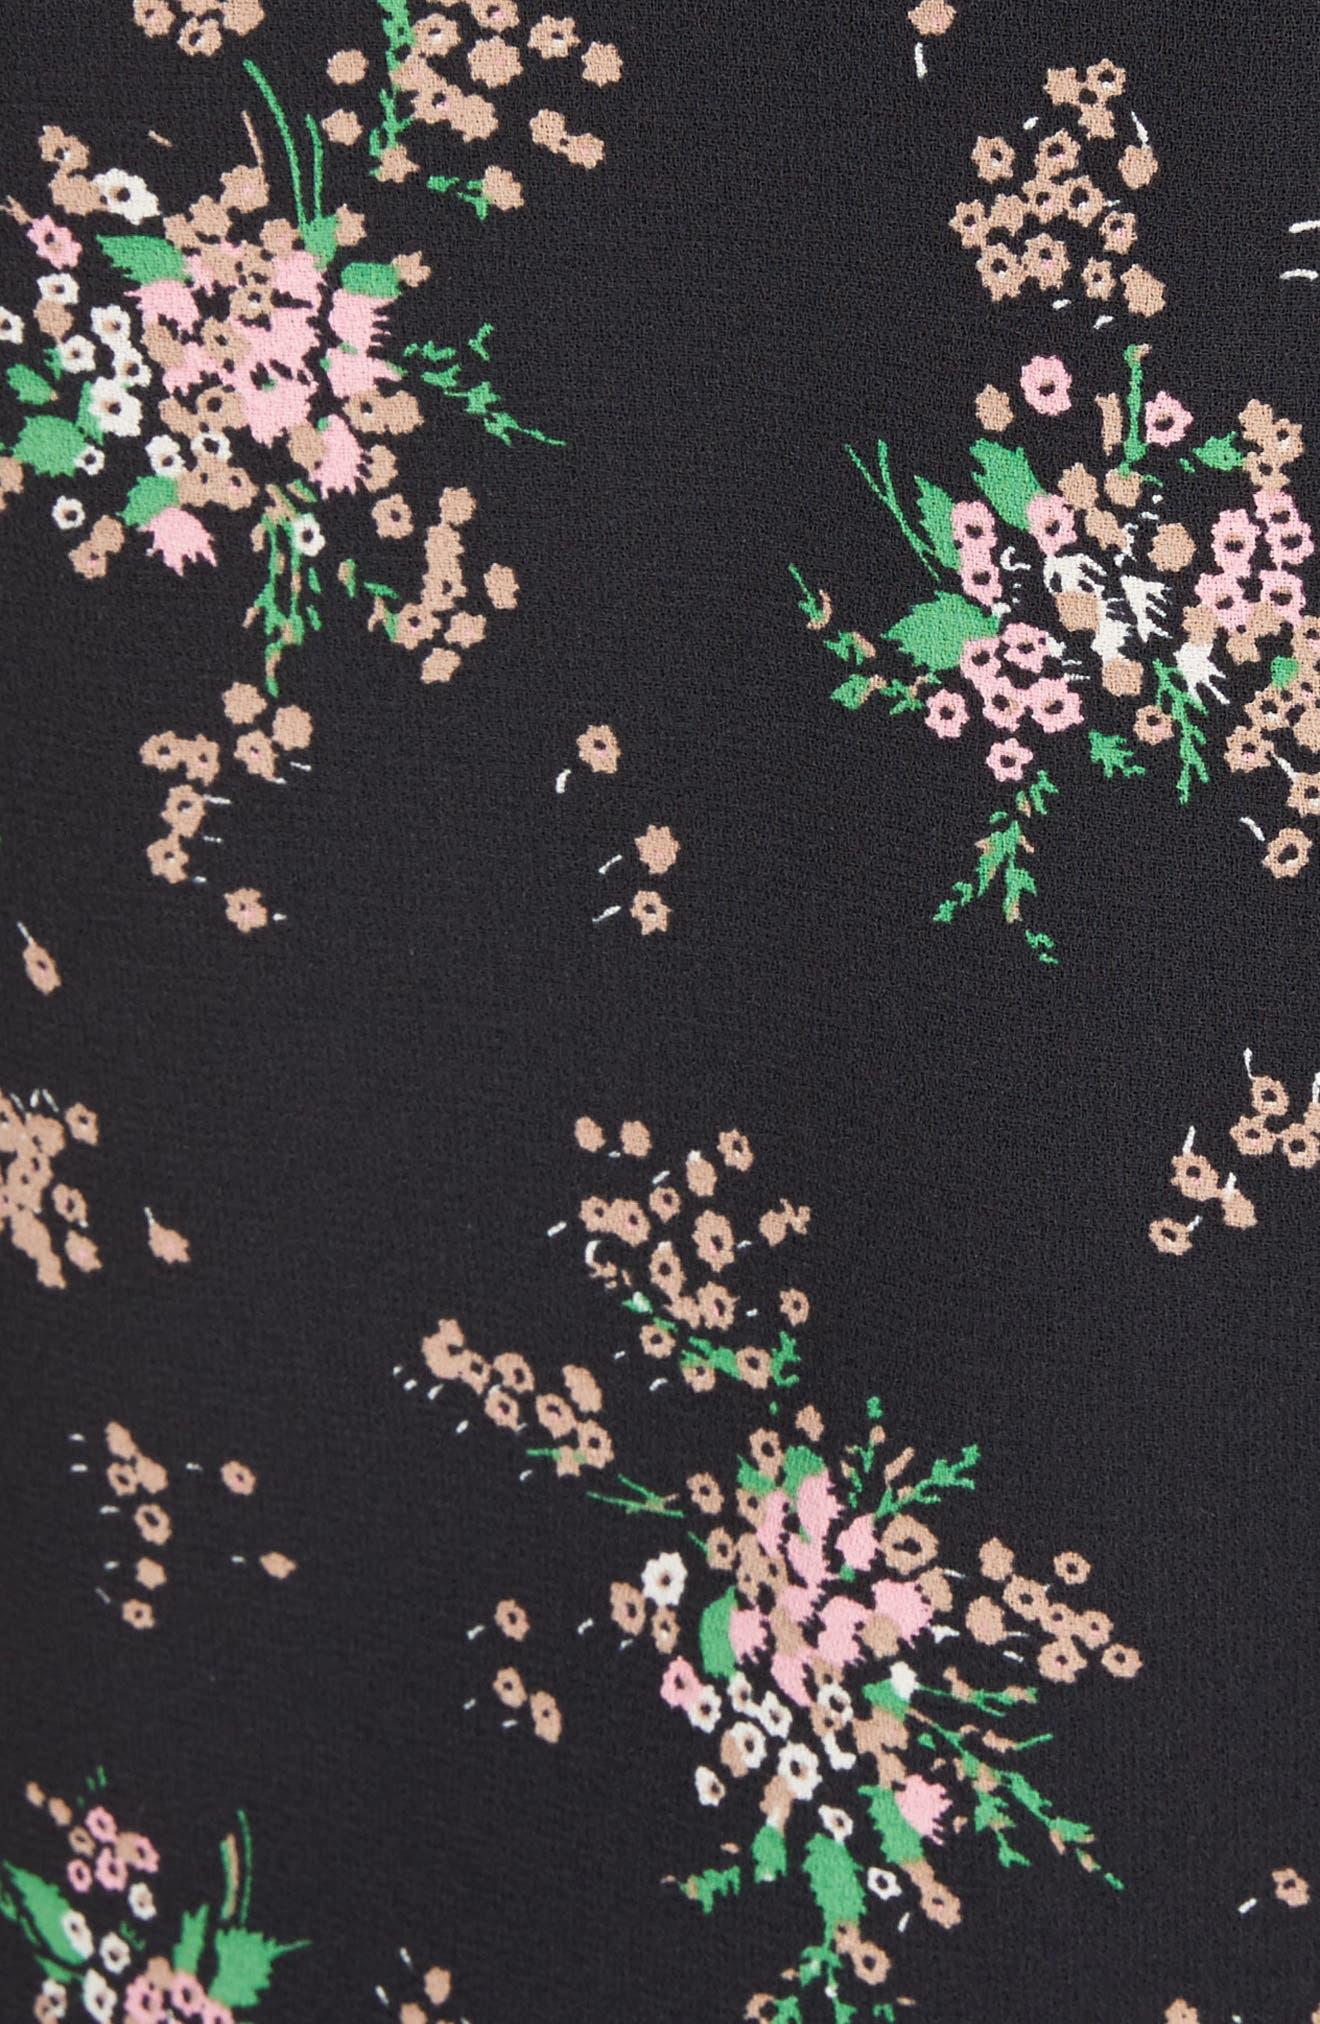 Ostrich Feather Trim Floral Print Dress,                             Alternate thumbnail 5, color,                             001